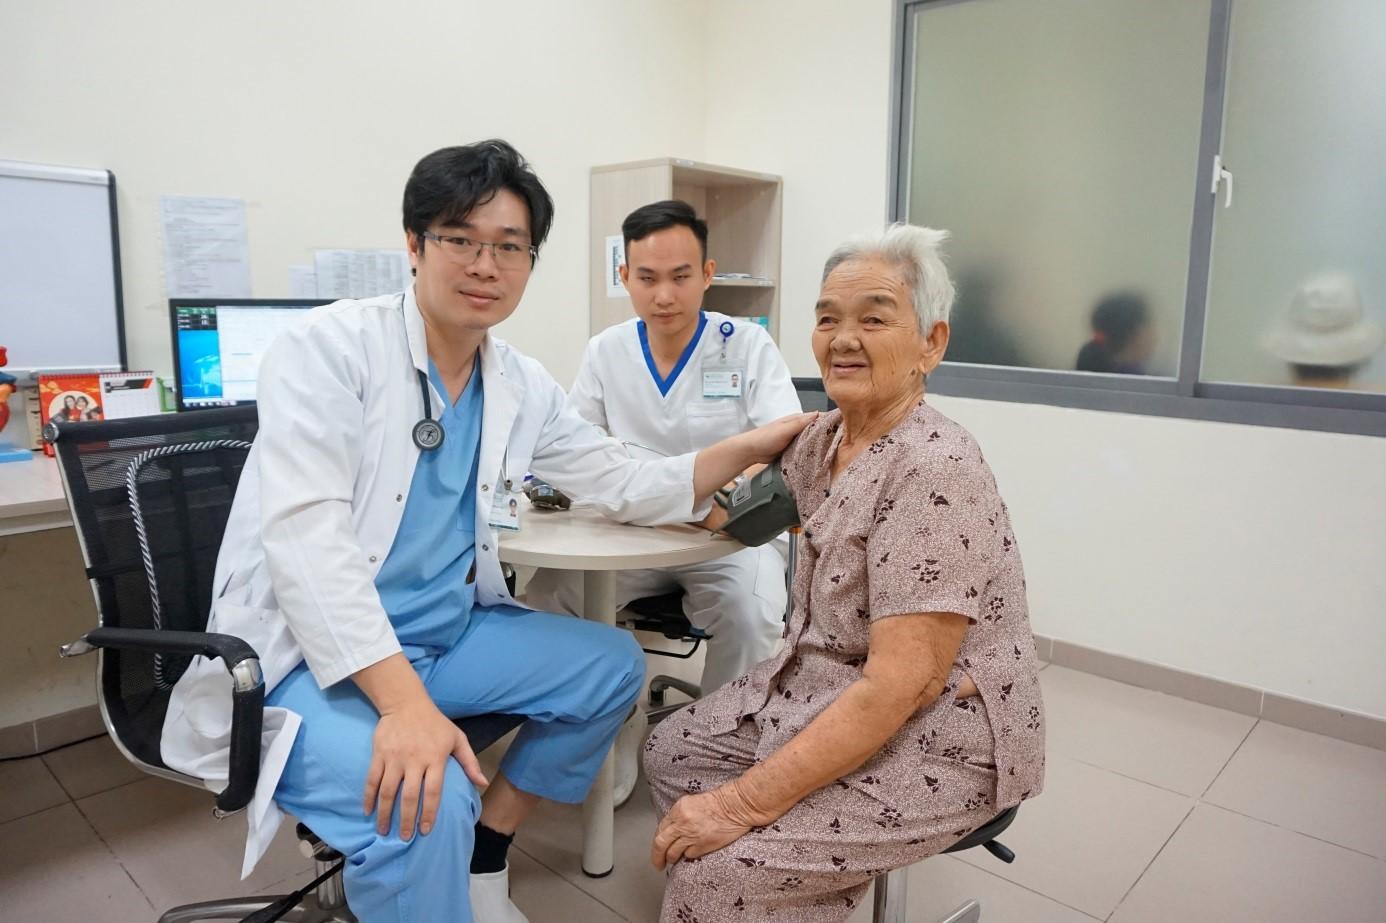 Hình 1. Cụ Khỏe tái khám tại phòng khám tim mạch Bệnh viện Quốc tế Becamex